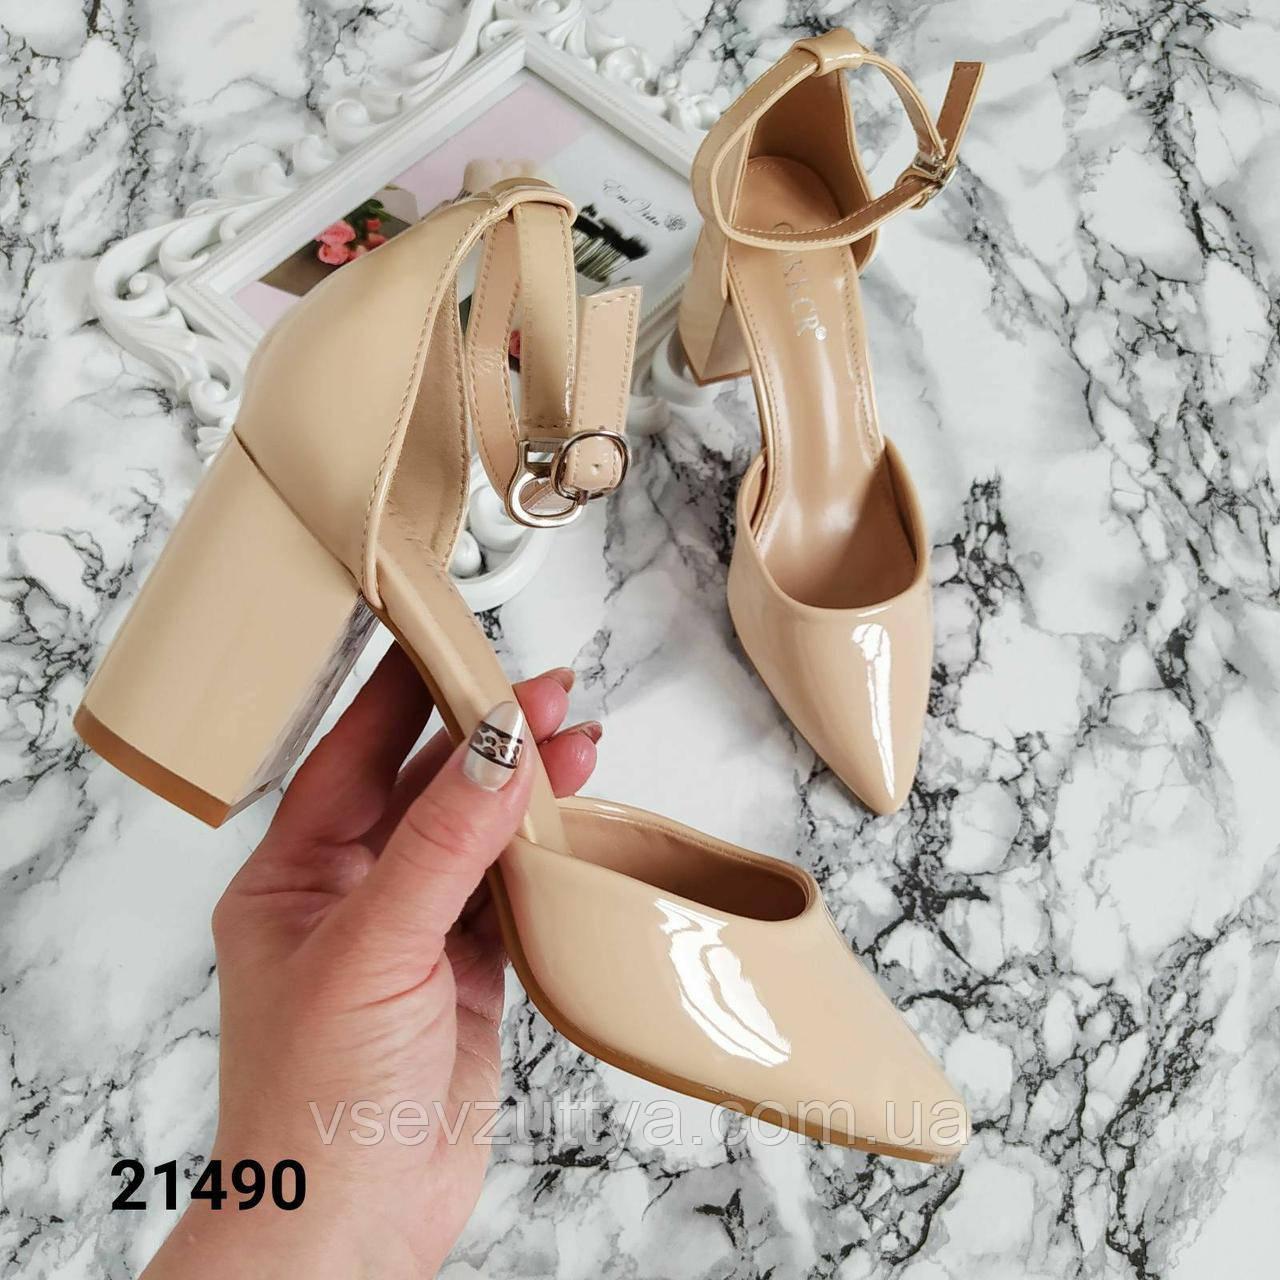 Лаковые туфли бежевые женские на каблуке